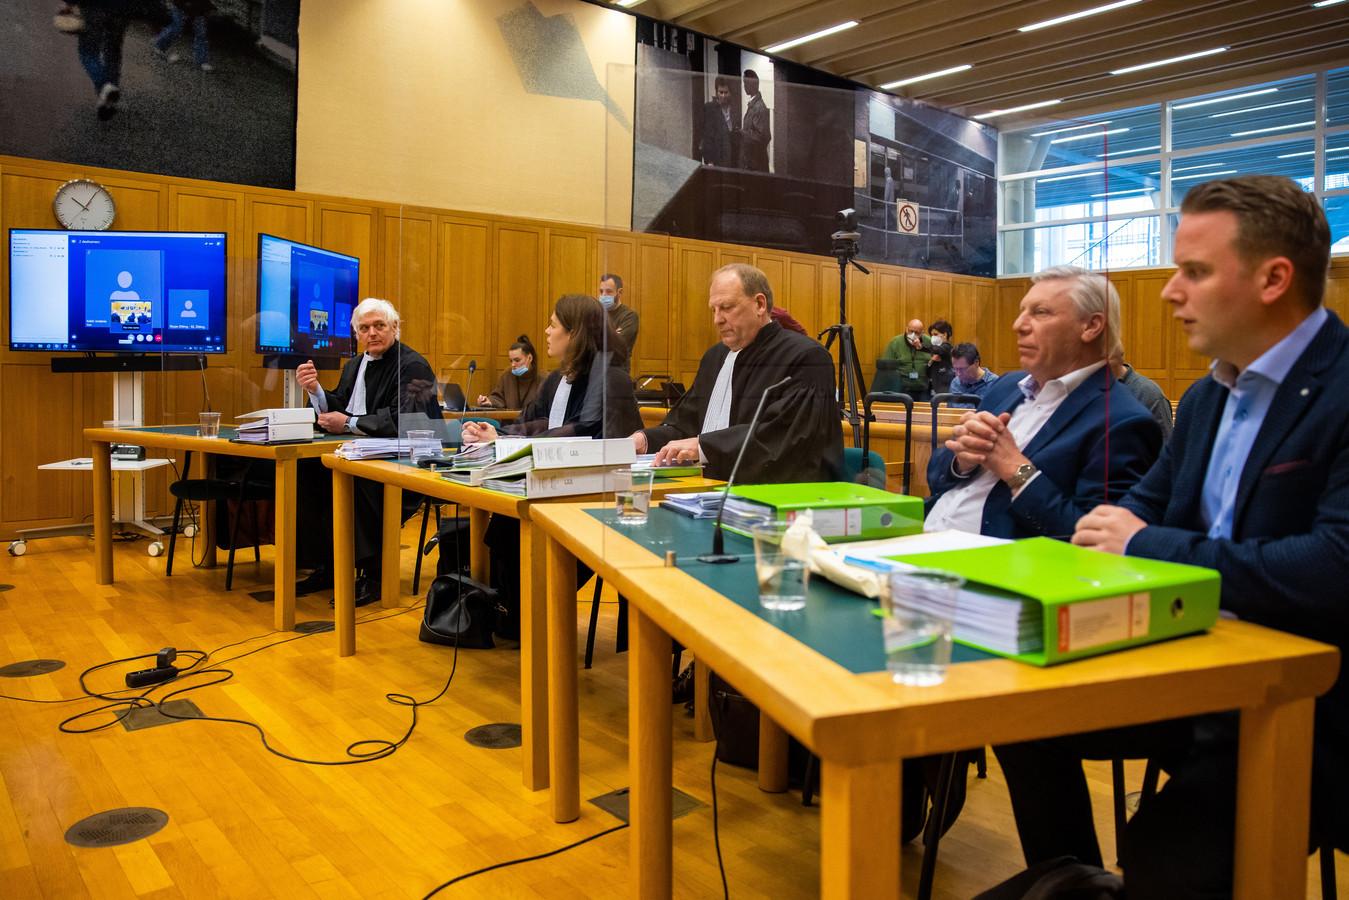 Van rechts naar links: de rvc-leden Rob Kleijzen en Peter Poirters van FC Den Bosch, de advocaten Henk Knotter en Kim van de Wiel van FC Den Bosch en advocaat Dolf Segaar namens Kakhi Jordania. Daarnaast de beeldschermen waarop even later de video-verbinding met Jordania zelf gemaakt wordt.